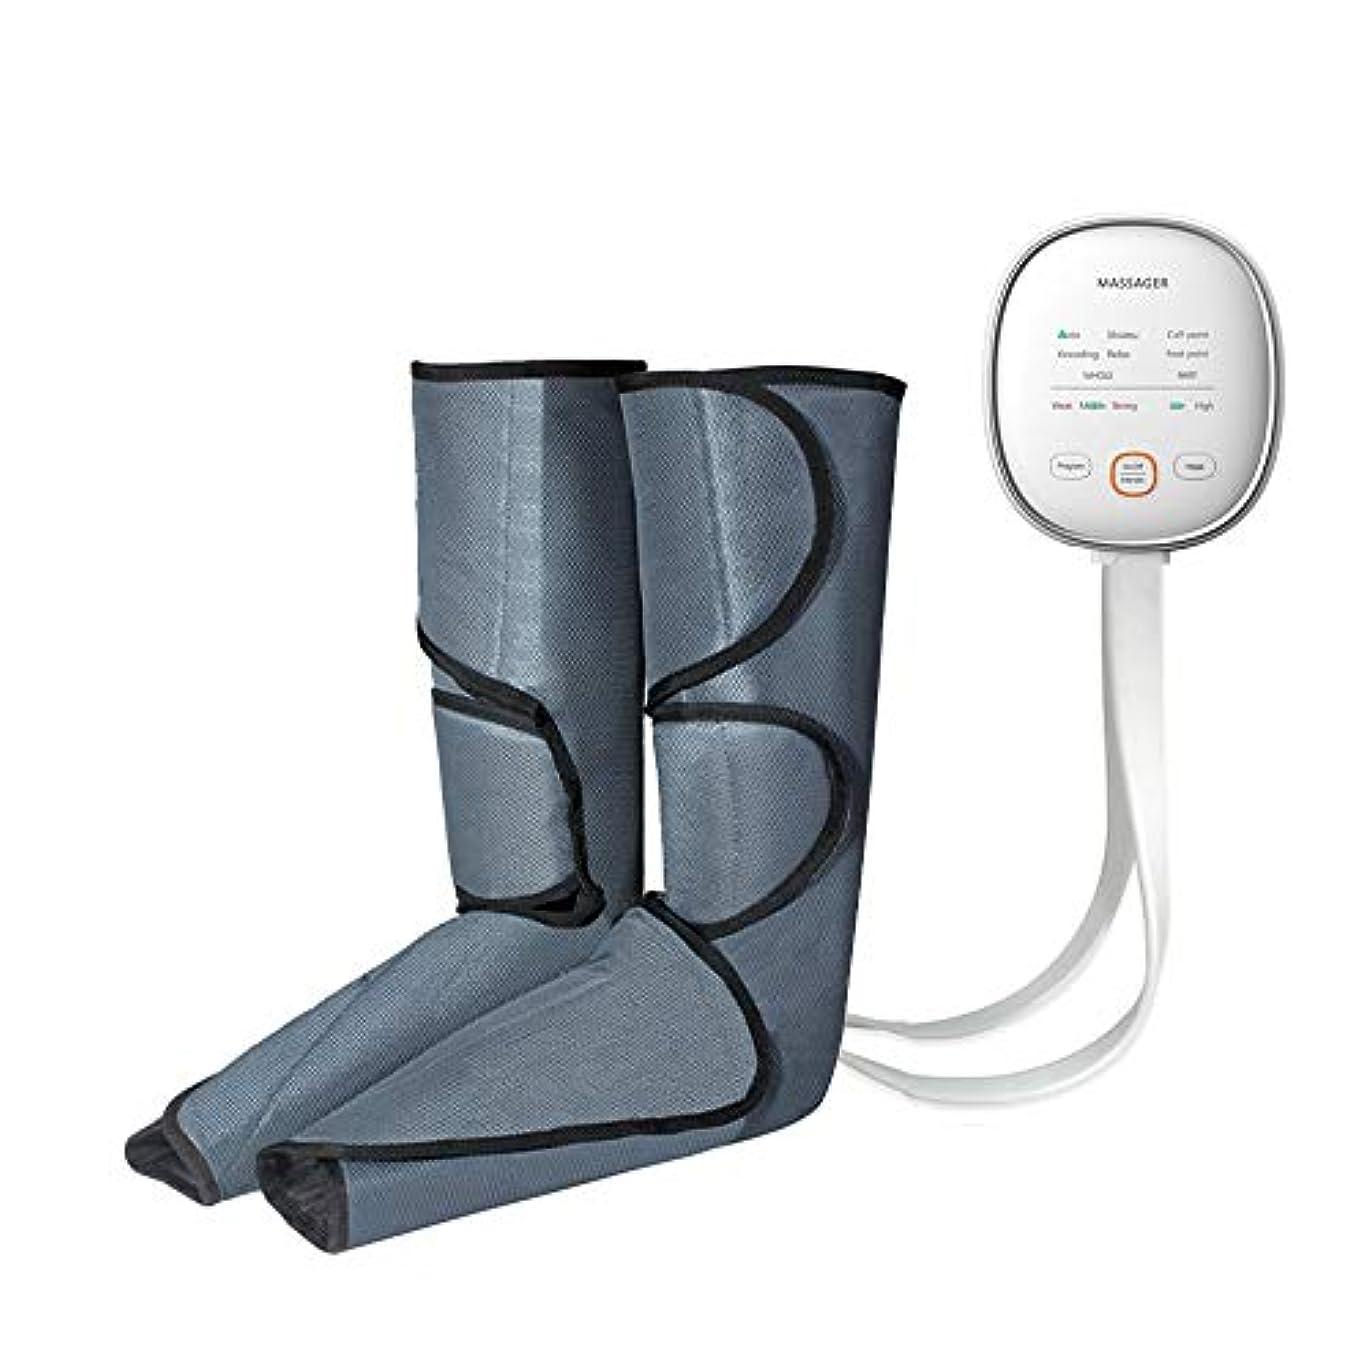 家禽疎外するしたいフットマッサージャー エアーマッサージャー器 足とふくらはぎマッサージ 温感機能 3つ段階の強さ フット空気圧縮マッサージ 血行の促進 疲労回復